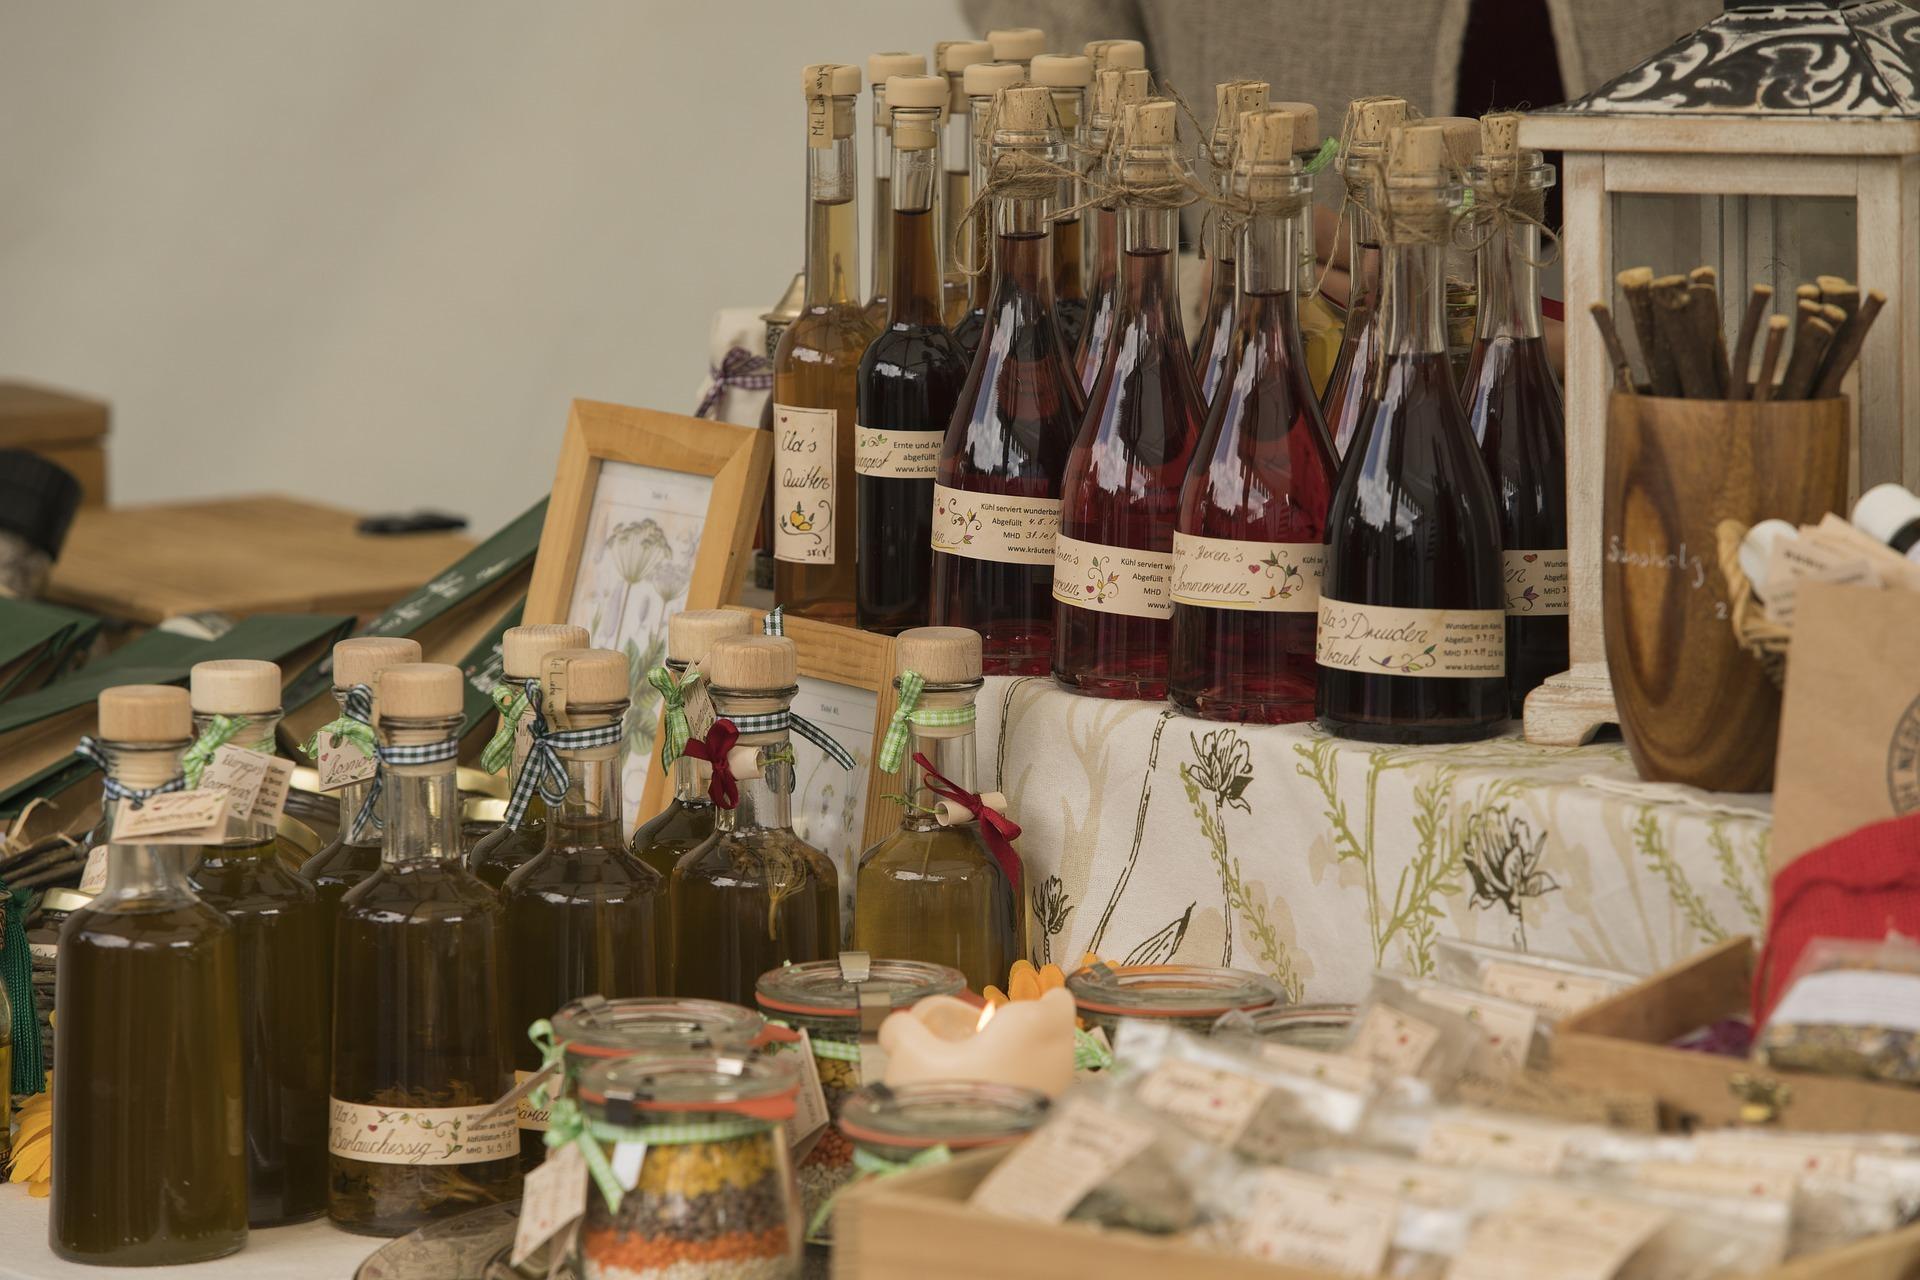 蜂蜜酒(ミード)の作り方!簡単につくれる材料やレシピをご紹介!